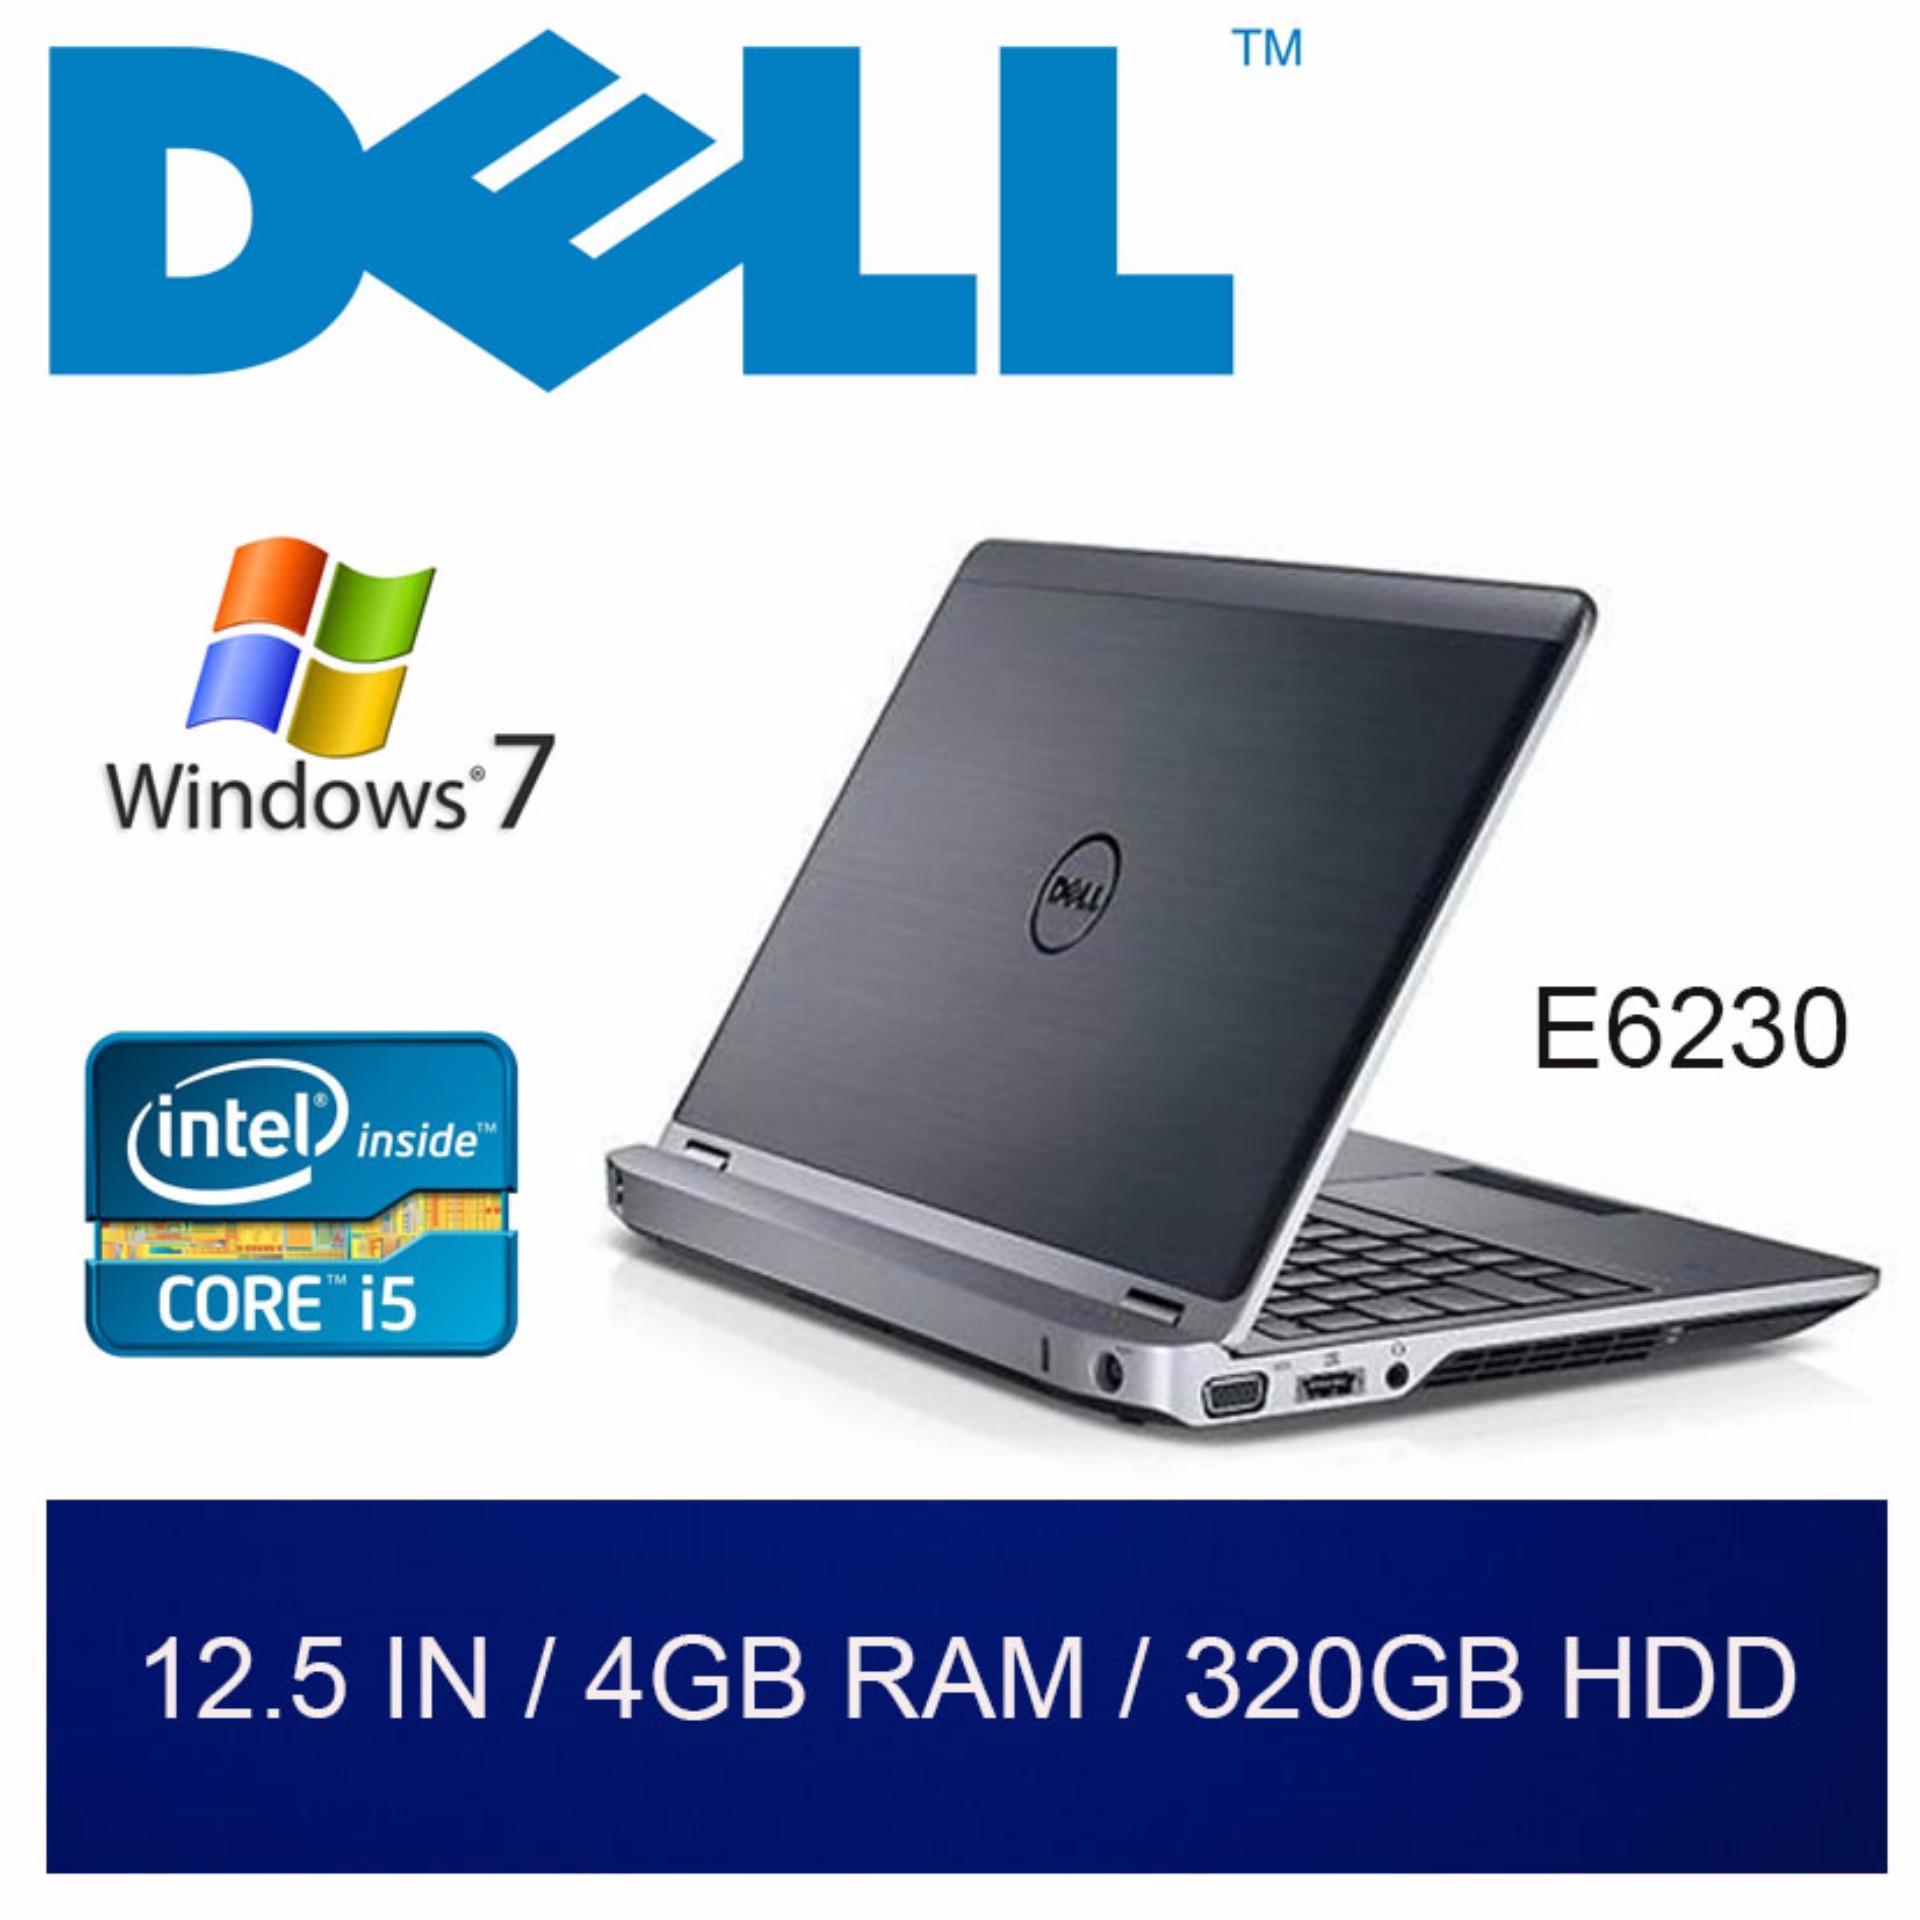 Refurbished Dell E6230 Laptop / 12.5in / i5 / 4GB RAM / 320GB HDD / W7 / 1mth Warranty